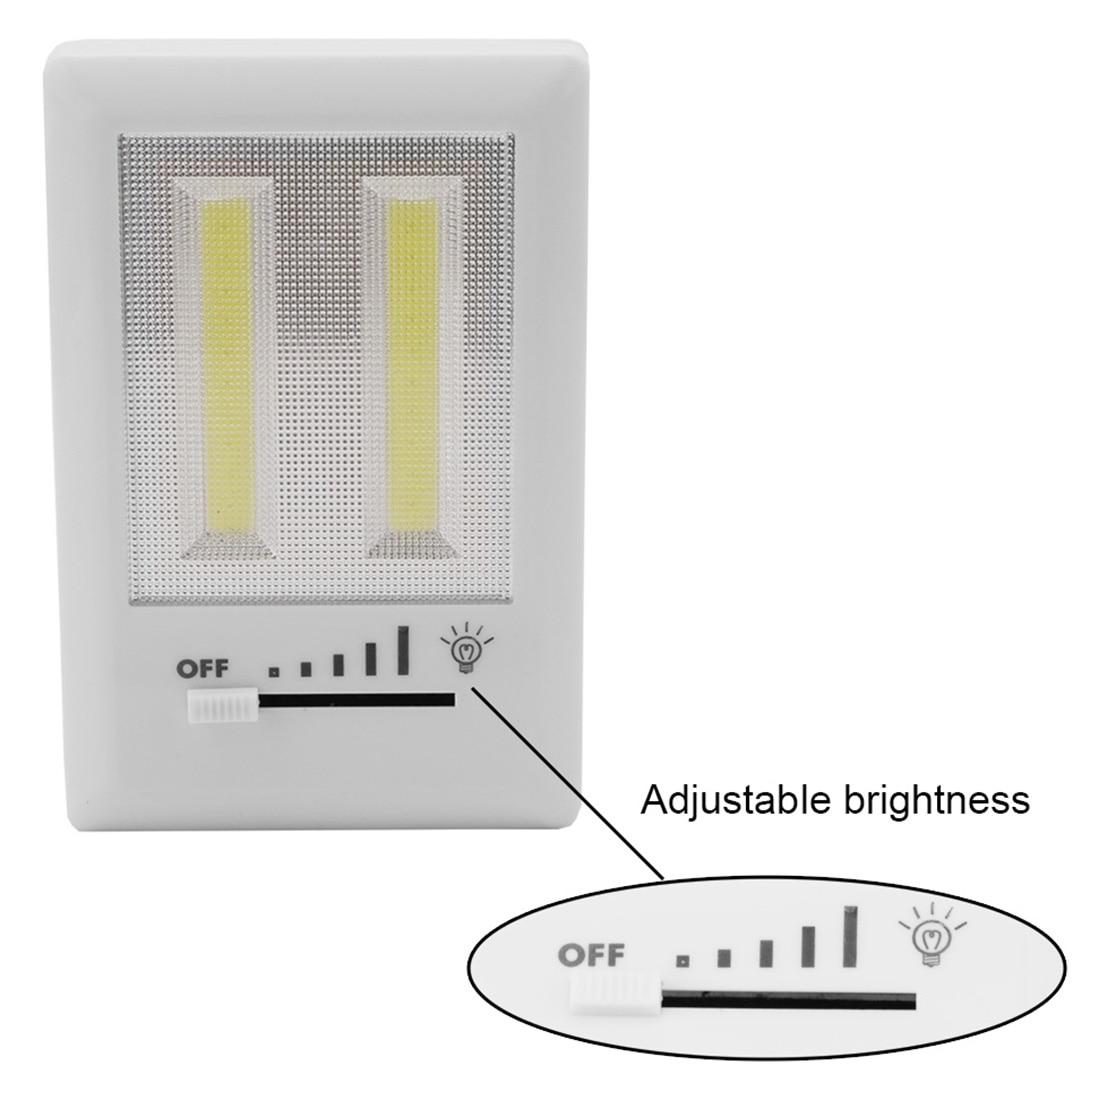 Tolle Licht Mit Schalter Einstecken Bilder - Elektrische Schaltplan ...